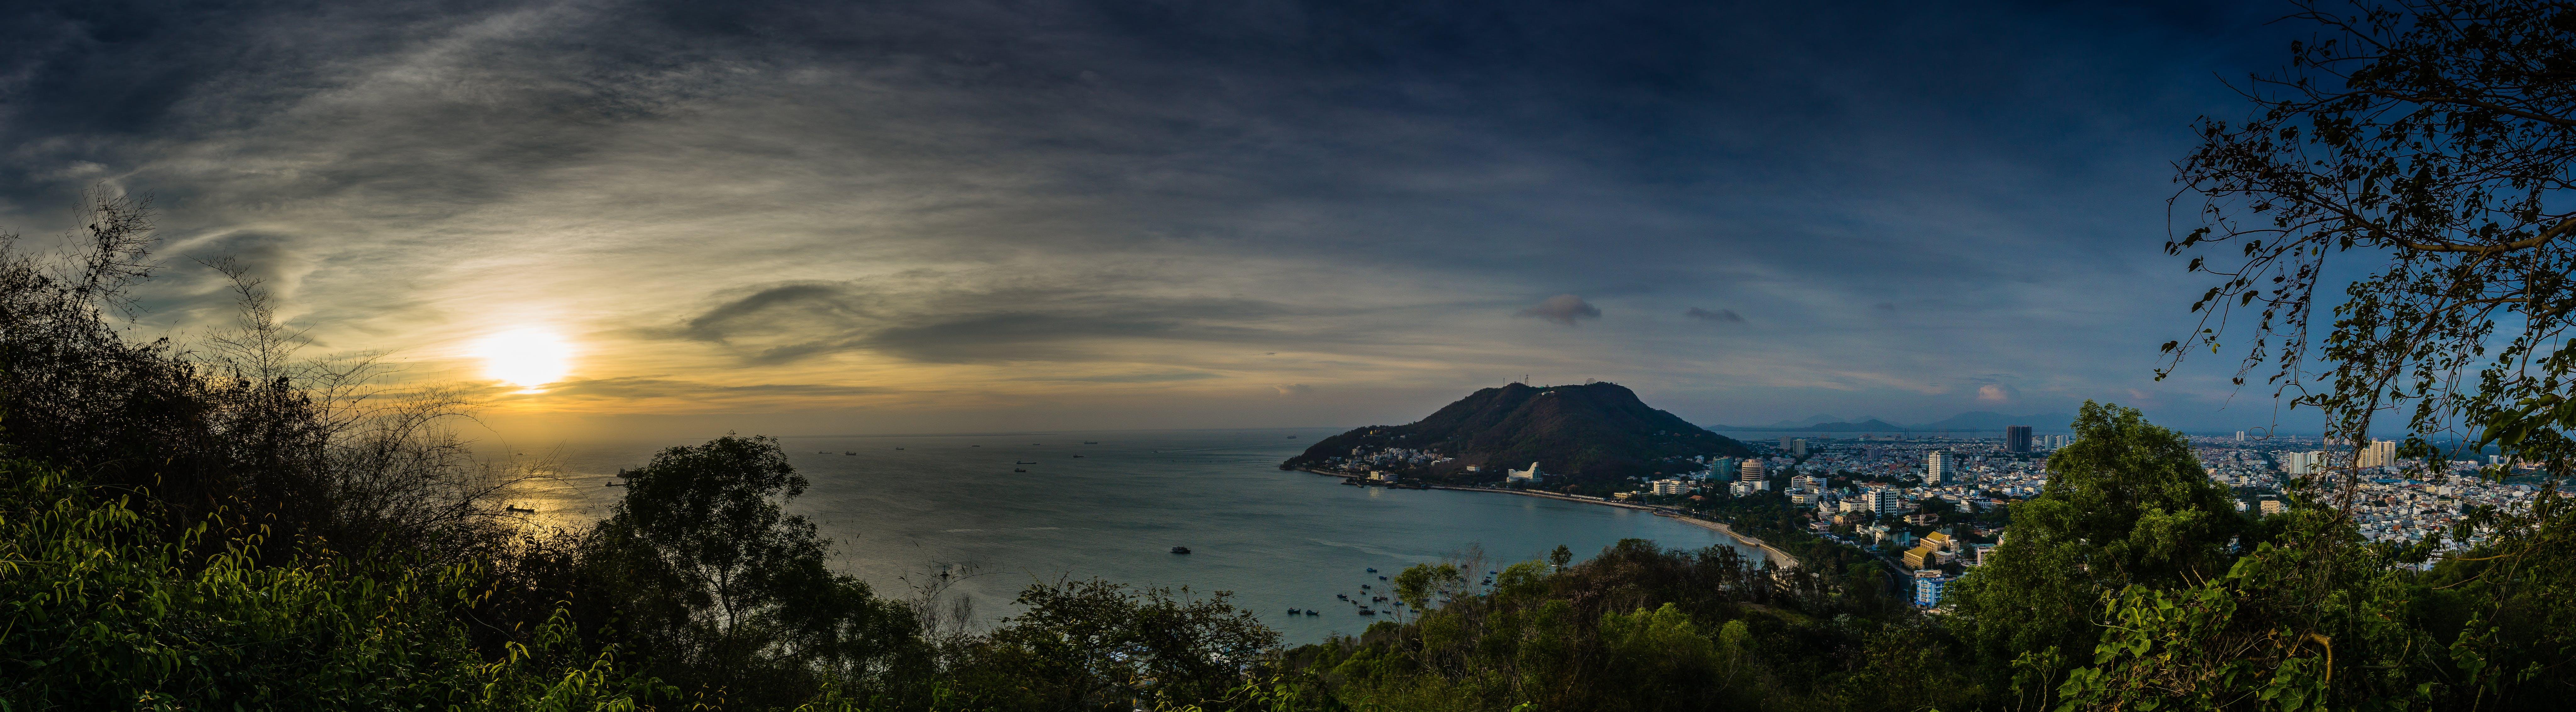 bay, beach, dawn